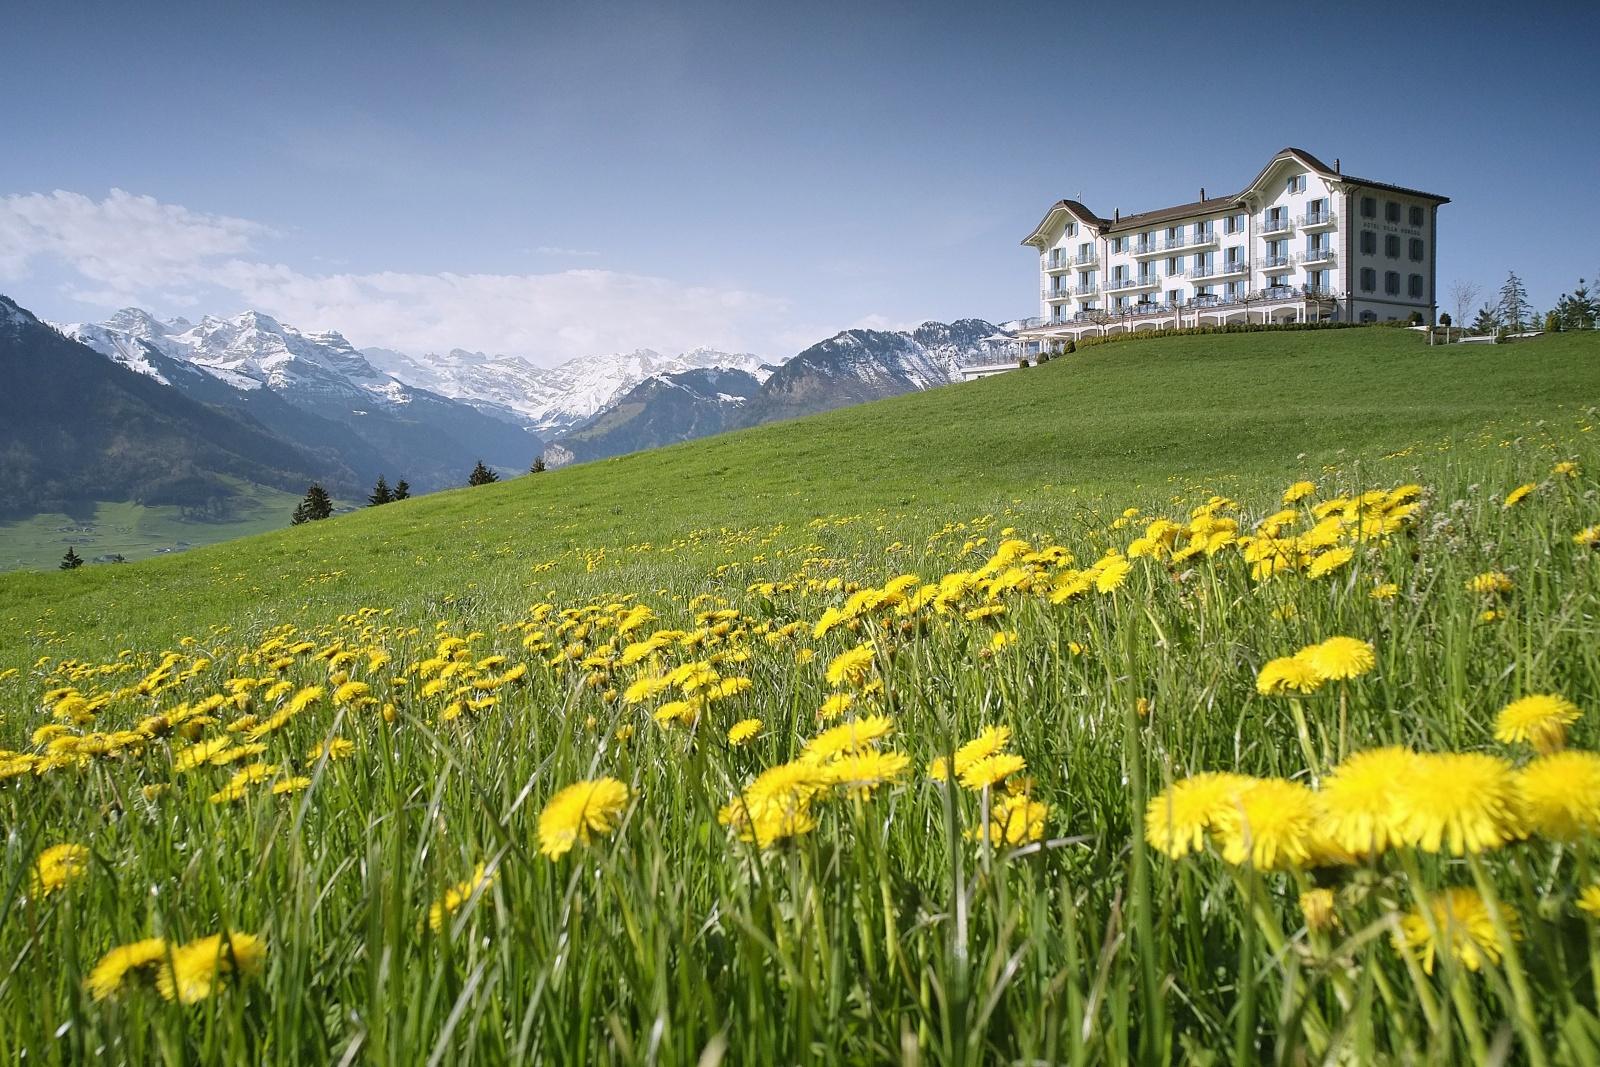 Hotel Villa Honegg concernant hotel villa honegg